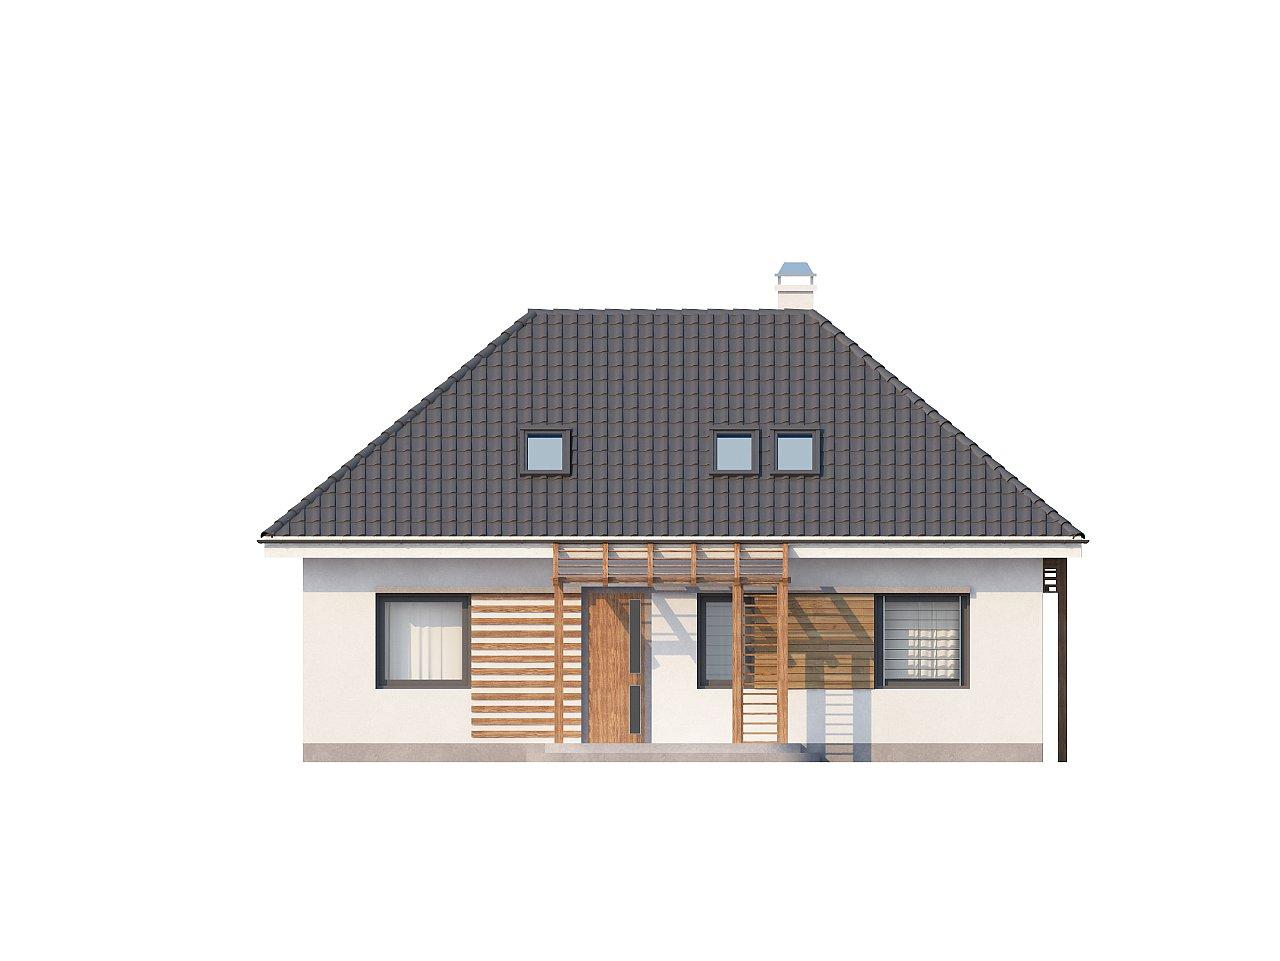 Удобный и красивый дом традиционного характера с двумя дополнительными спальнями на первом этаже. 3